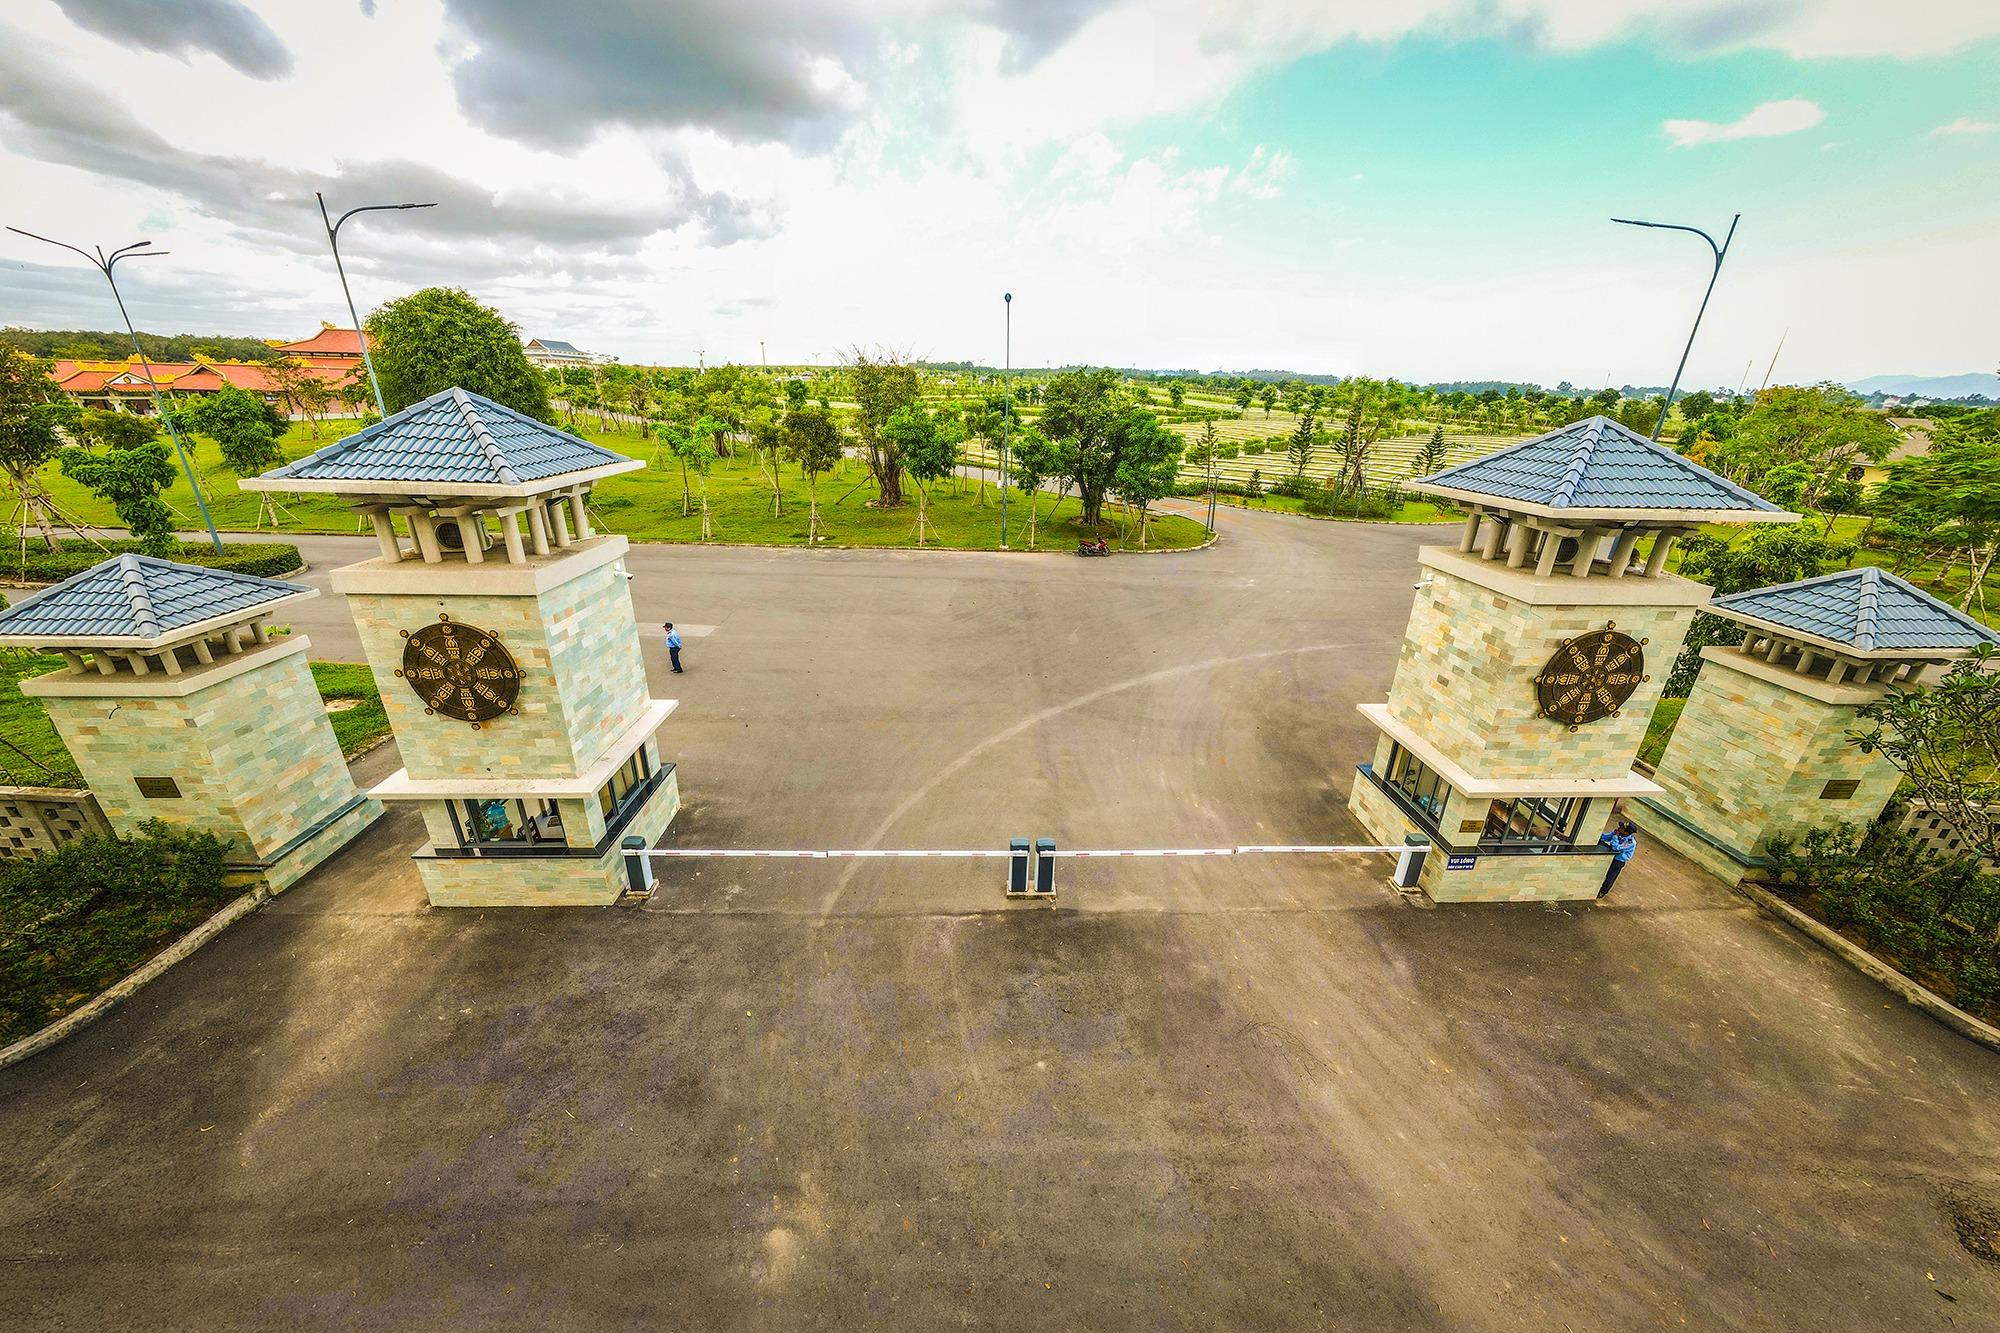 Cận cảnh hoa viên nghĩa trang hơn 2.000 tỷ đồng, có cảnh quan đẹp bậc nhất Việt Nam - 2